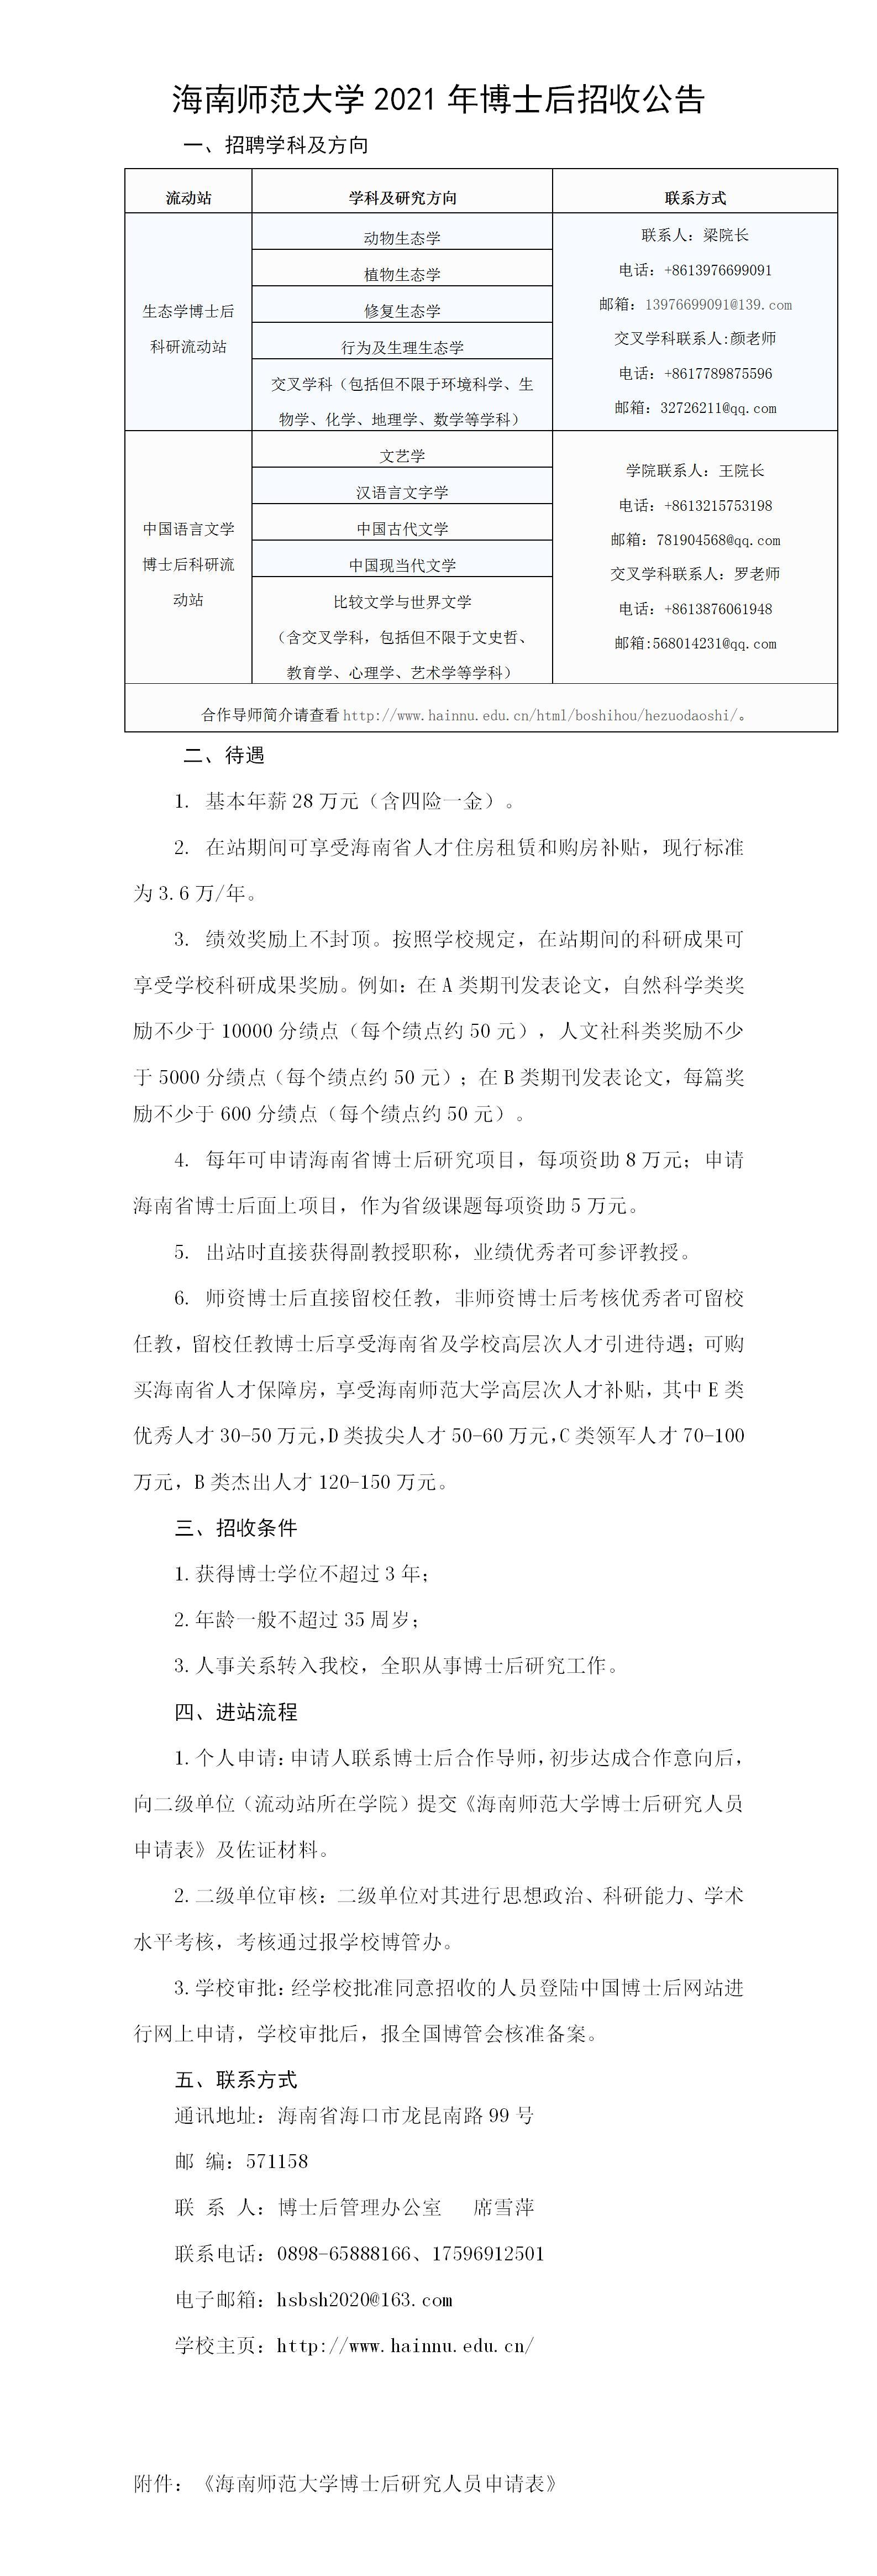 海南师范大学2021年博士后招收公告